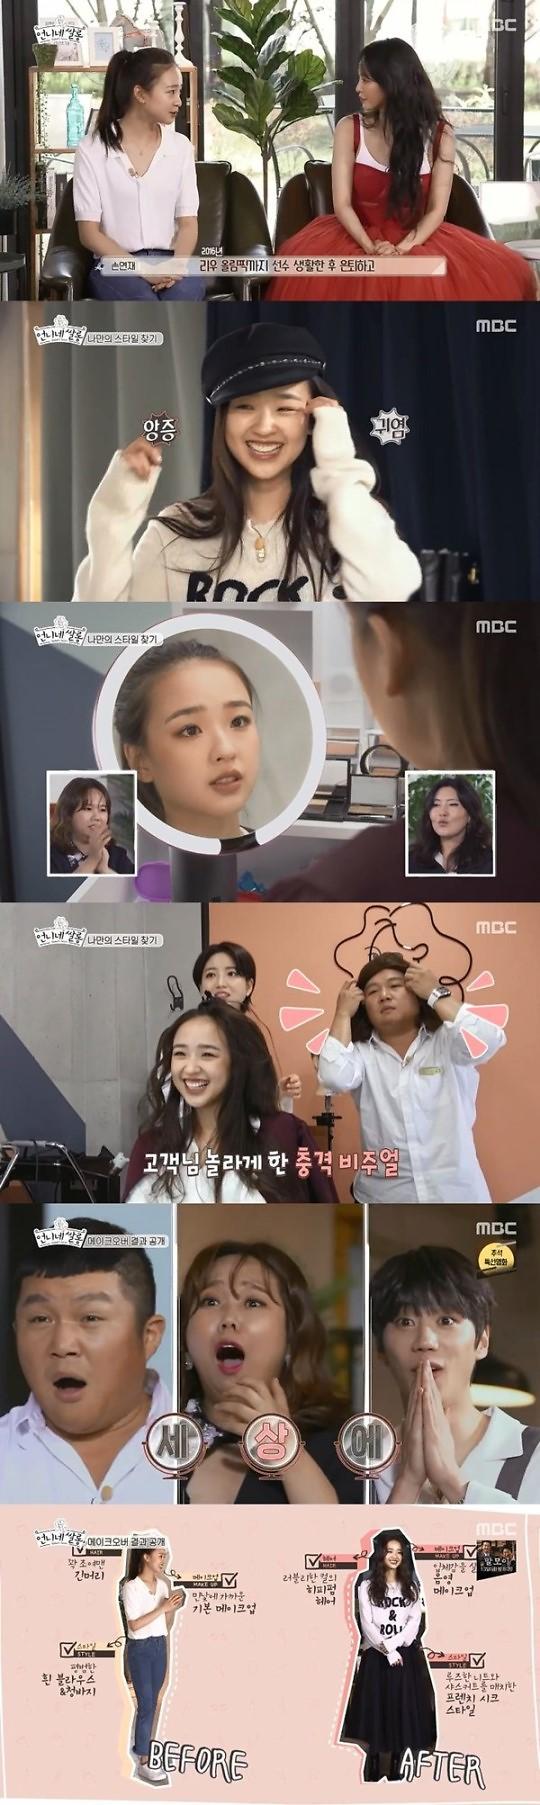 언니네 쌀롱 손연재, 동안→프렌치 시크로…비포&애프터 공개